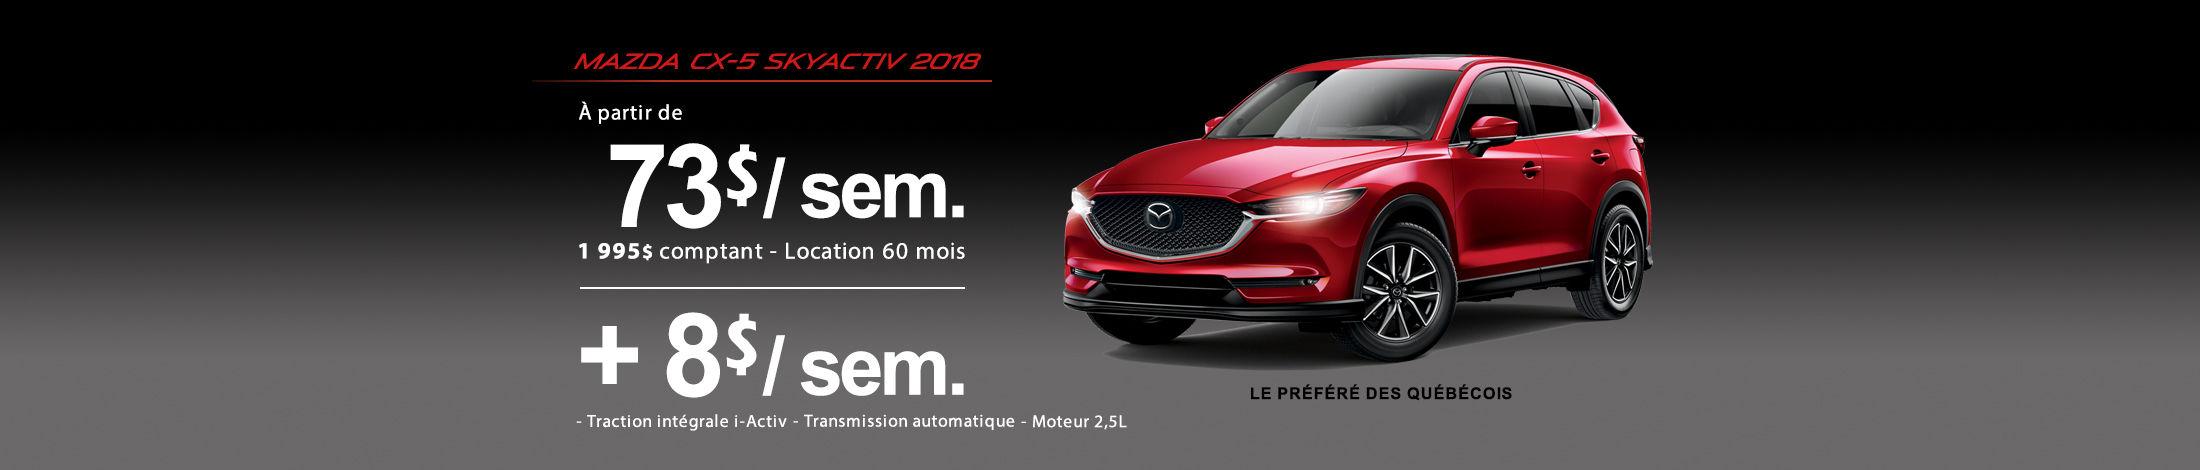 Mazda CX-5 2018 Banniere